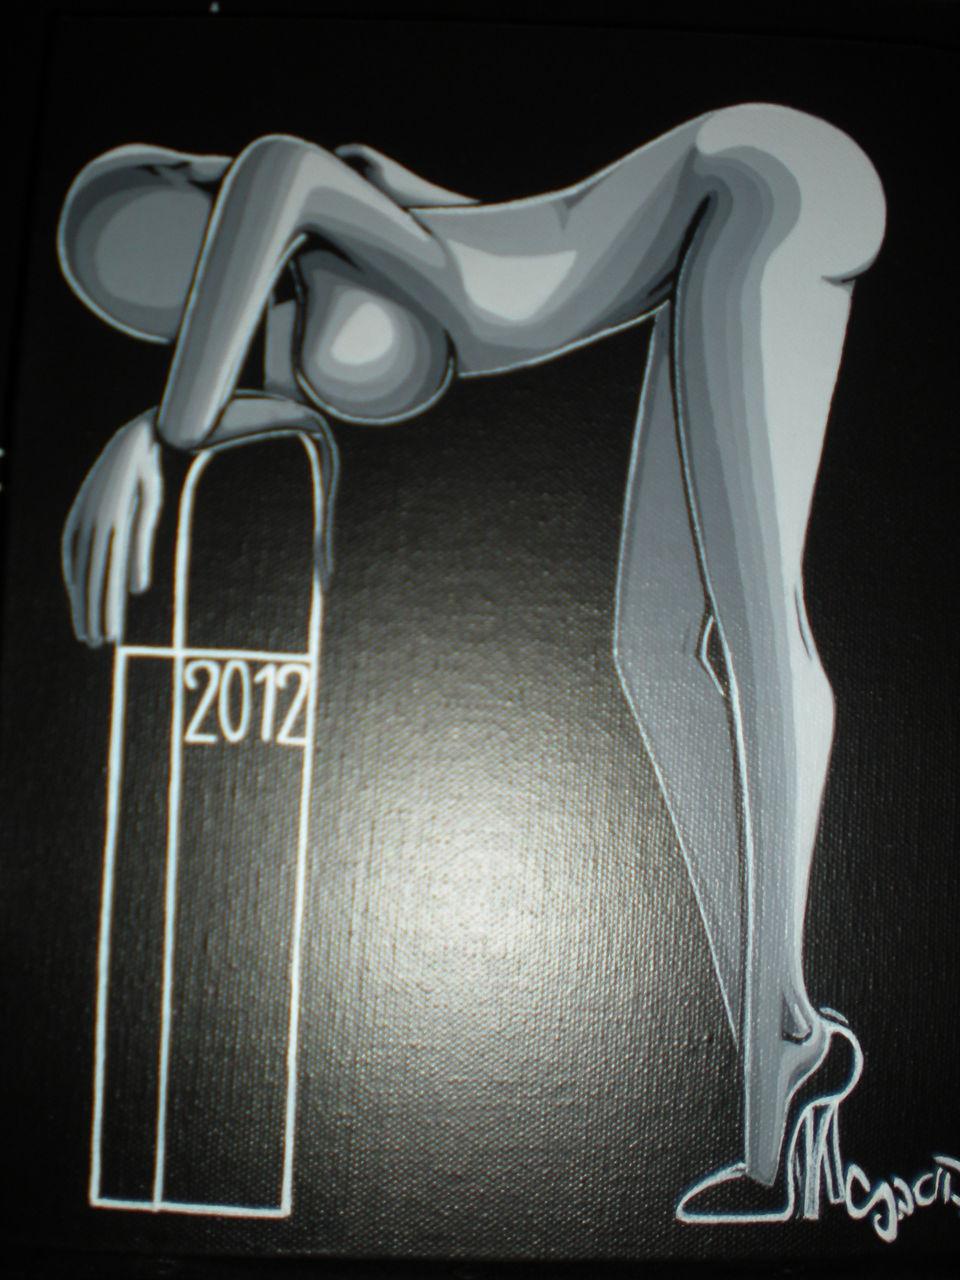 souad halima-rihoum dit SWAD en tant qu'artiste DSCN2322